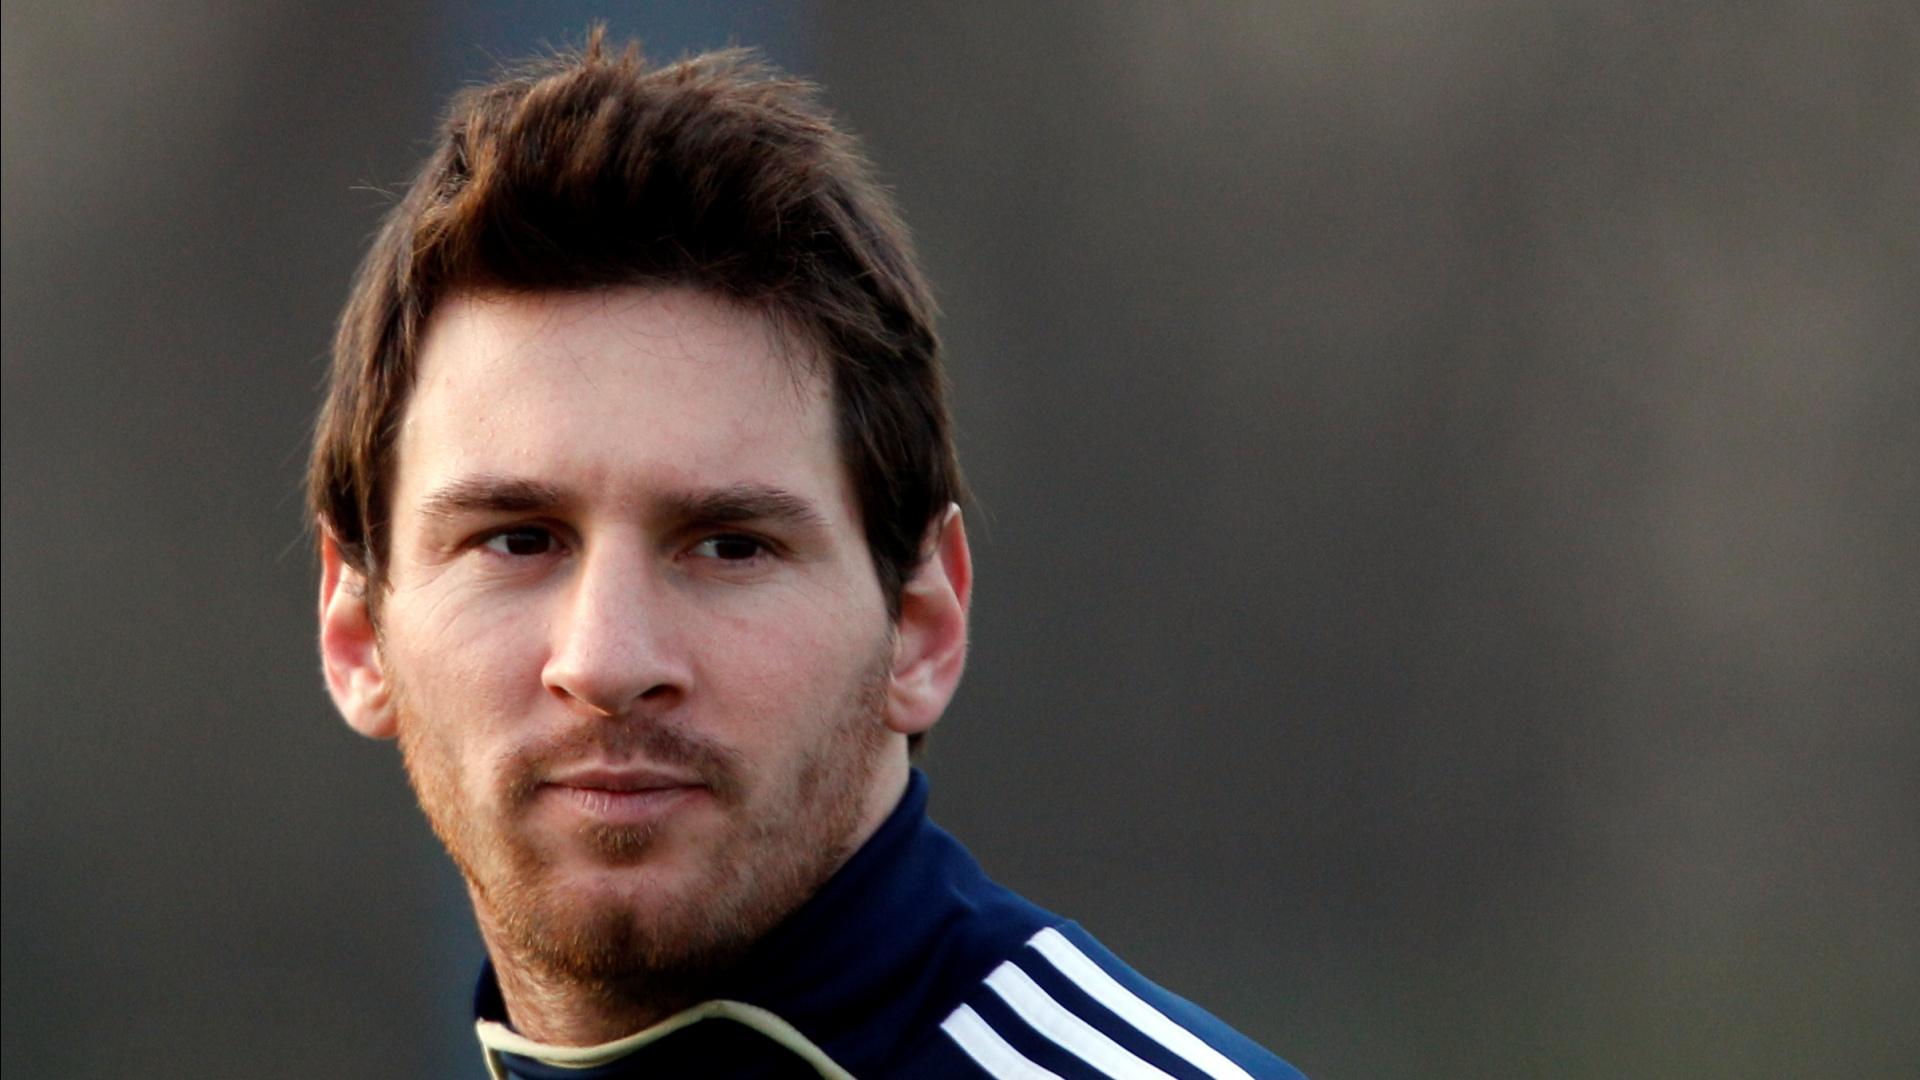 Lionel Messi For Desktop